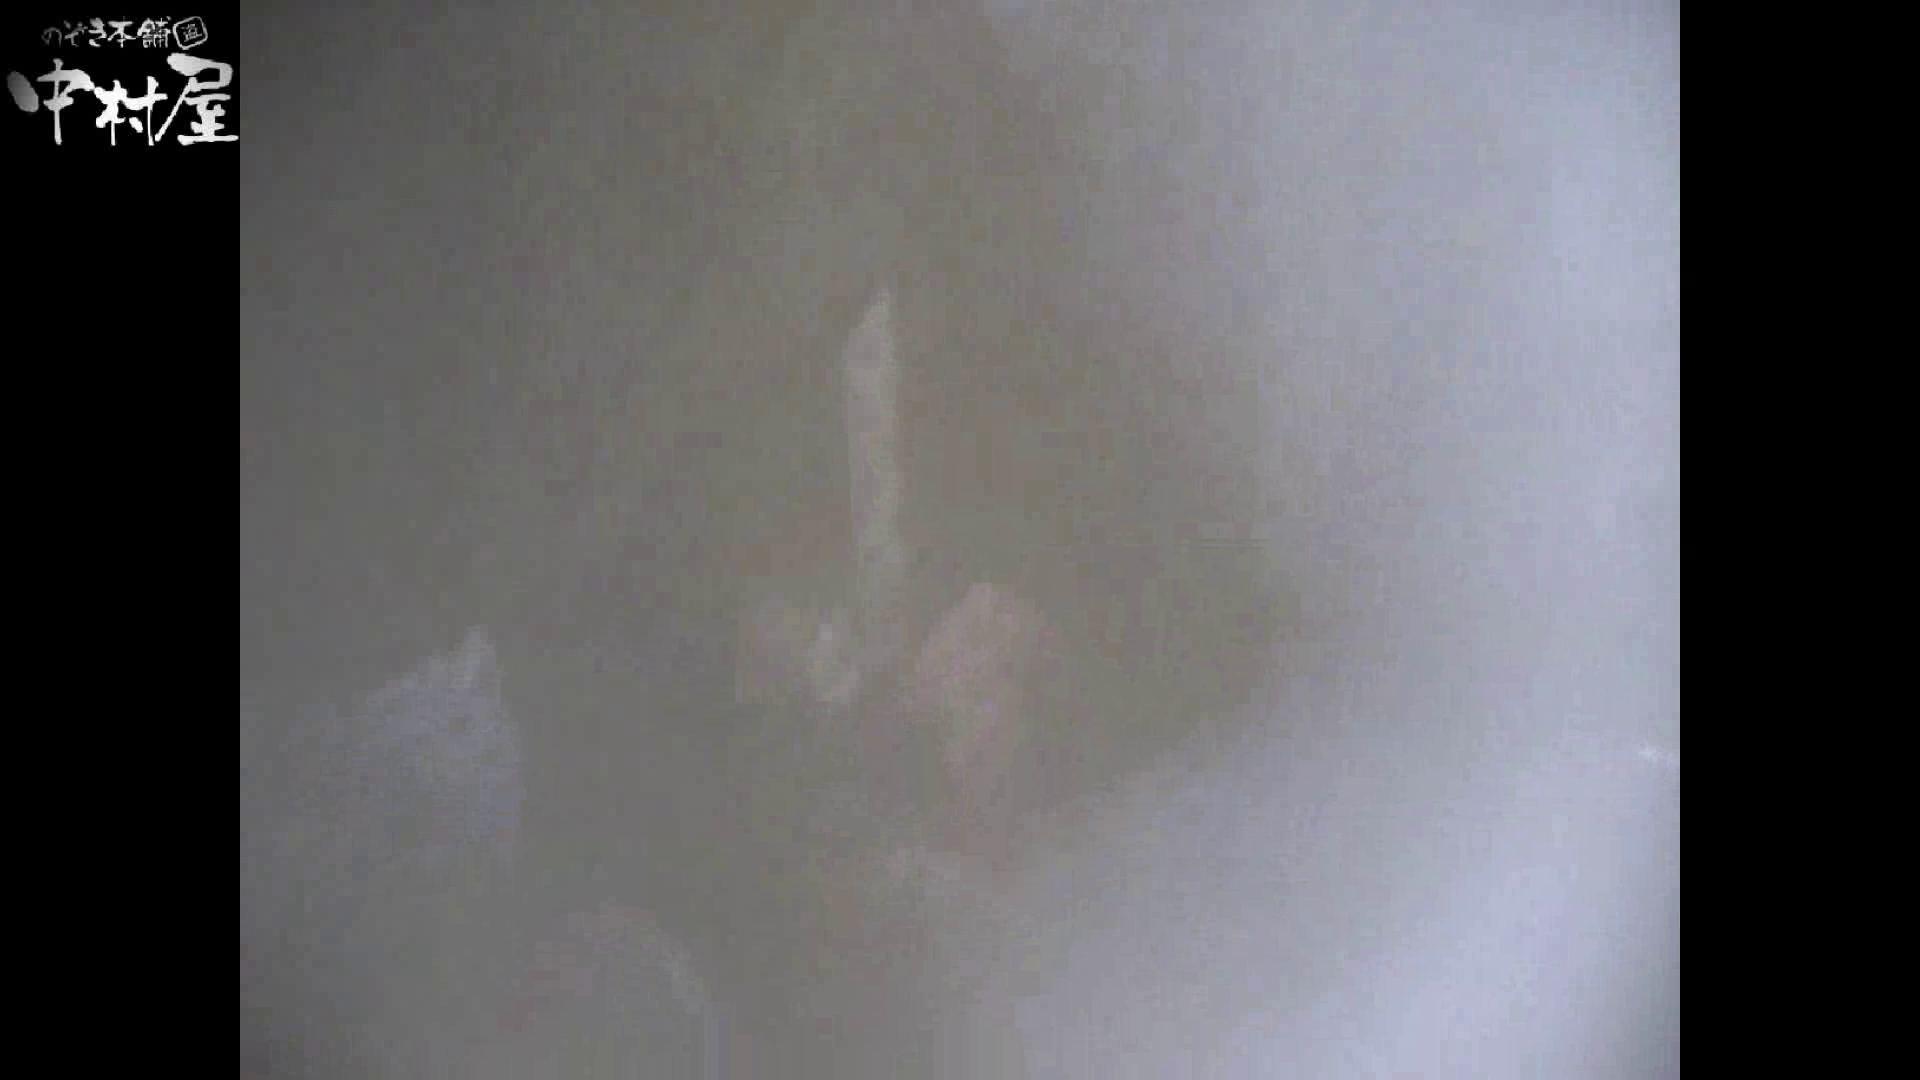 民家風呂専門盗撮師の超危険映像 vol.021 美少女女体 覗きオメコ動画キャプチャ 95連発 83